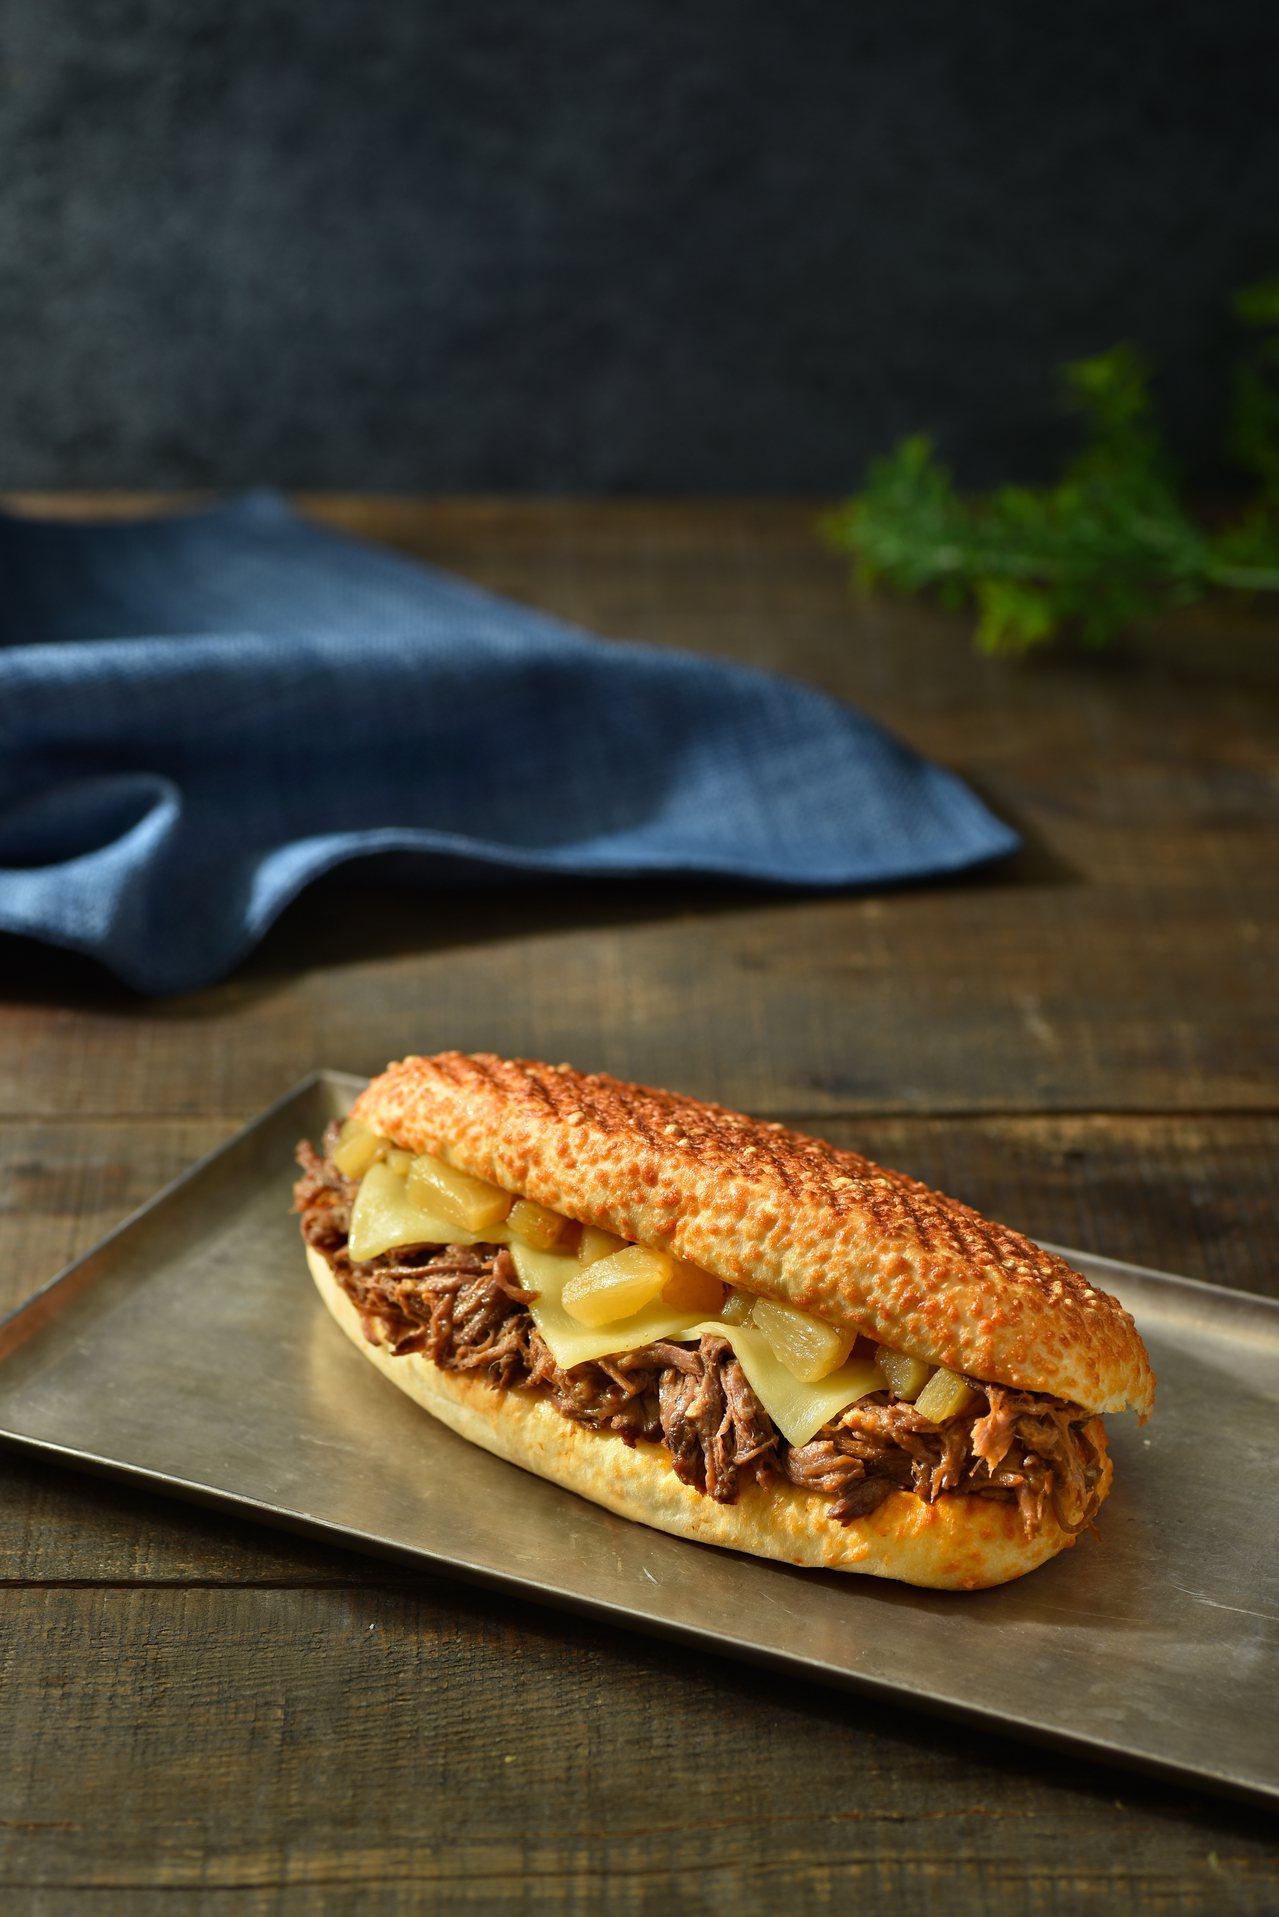 紐奧良風牛肉帕里尼,250元。圖/星巴克提供